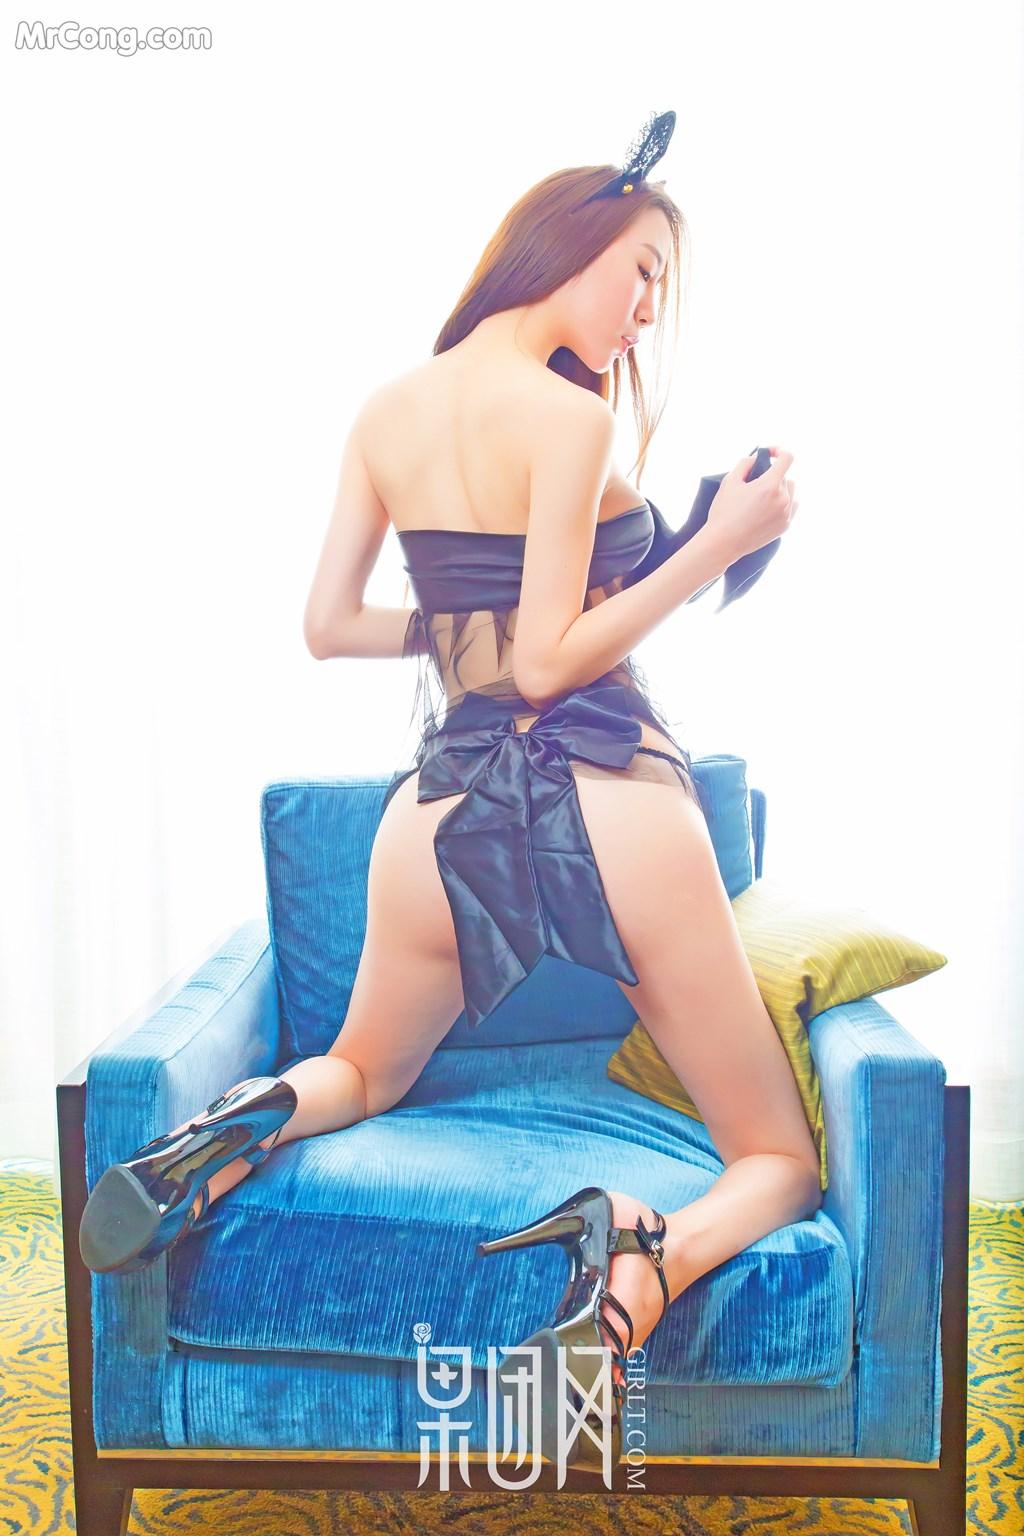 Image GIRLT-No.133-Meng-Xin-Yue-MrCong.com-008 in post GIRLT No.133: Người mẫu Meng Xin Yue (梦心月) (46 ảnh)